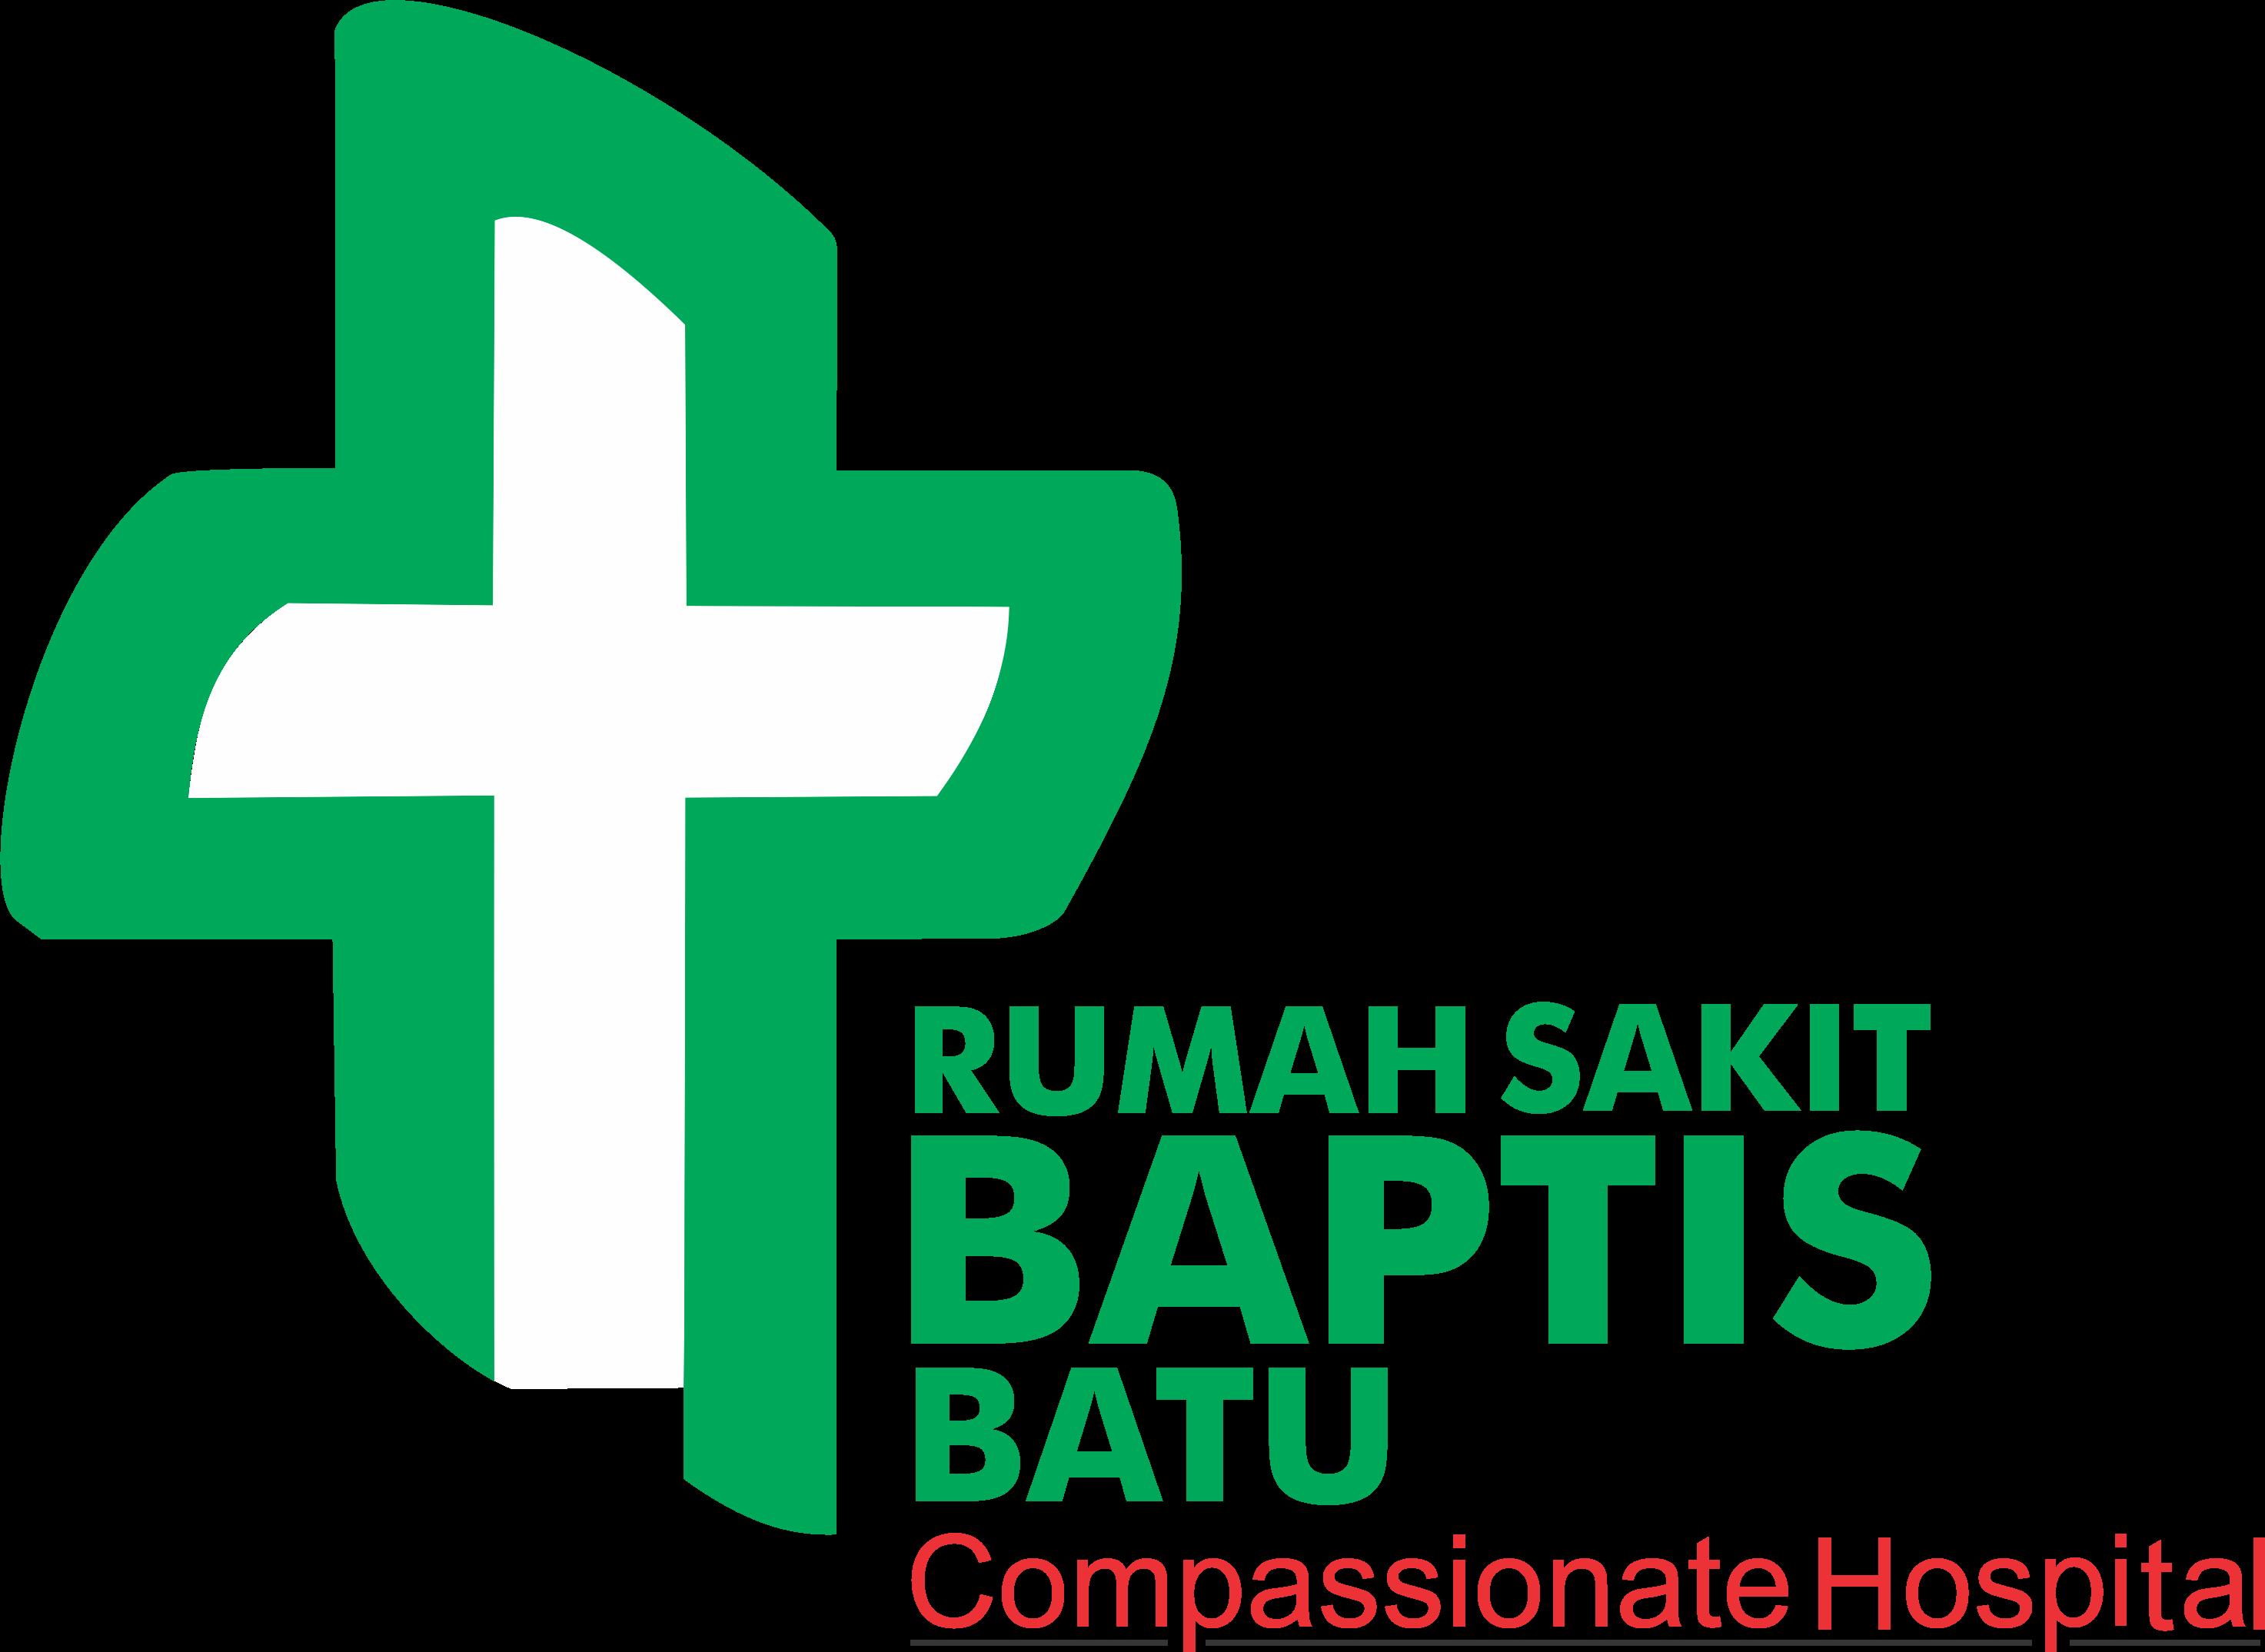 RUMAH SAKIT BAPTIS BATU